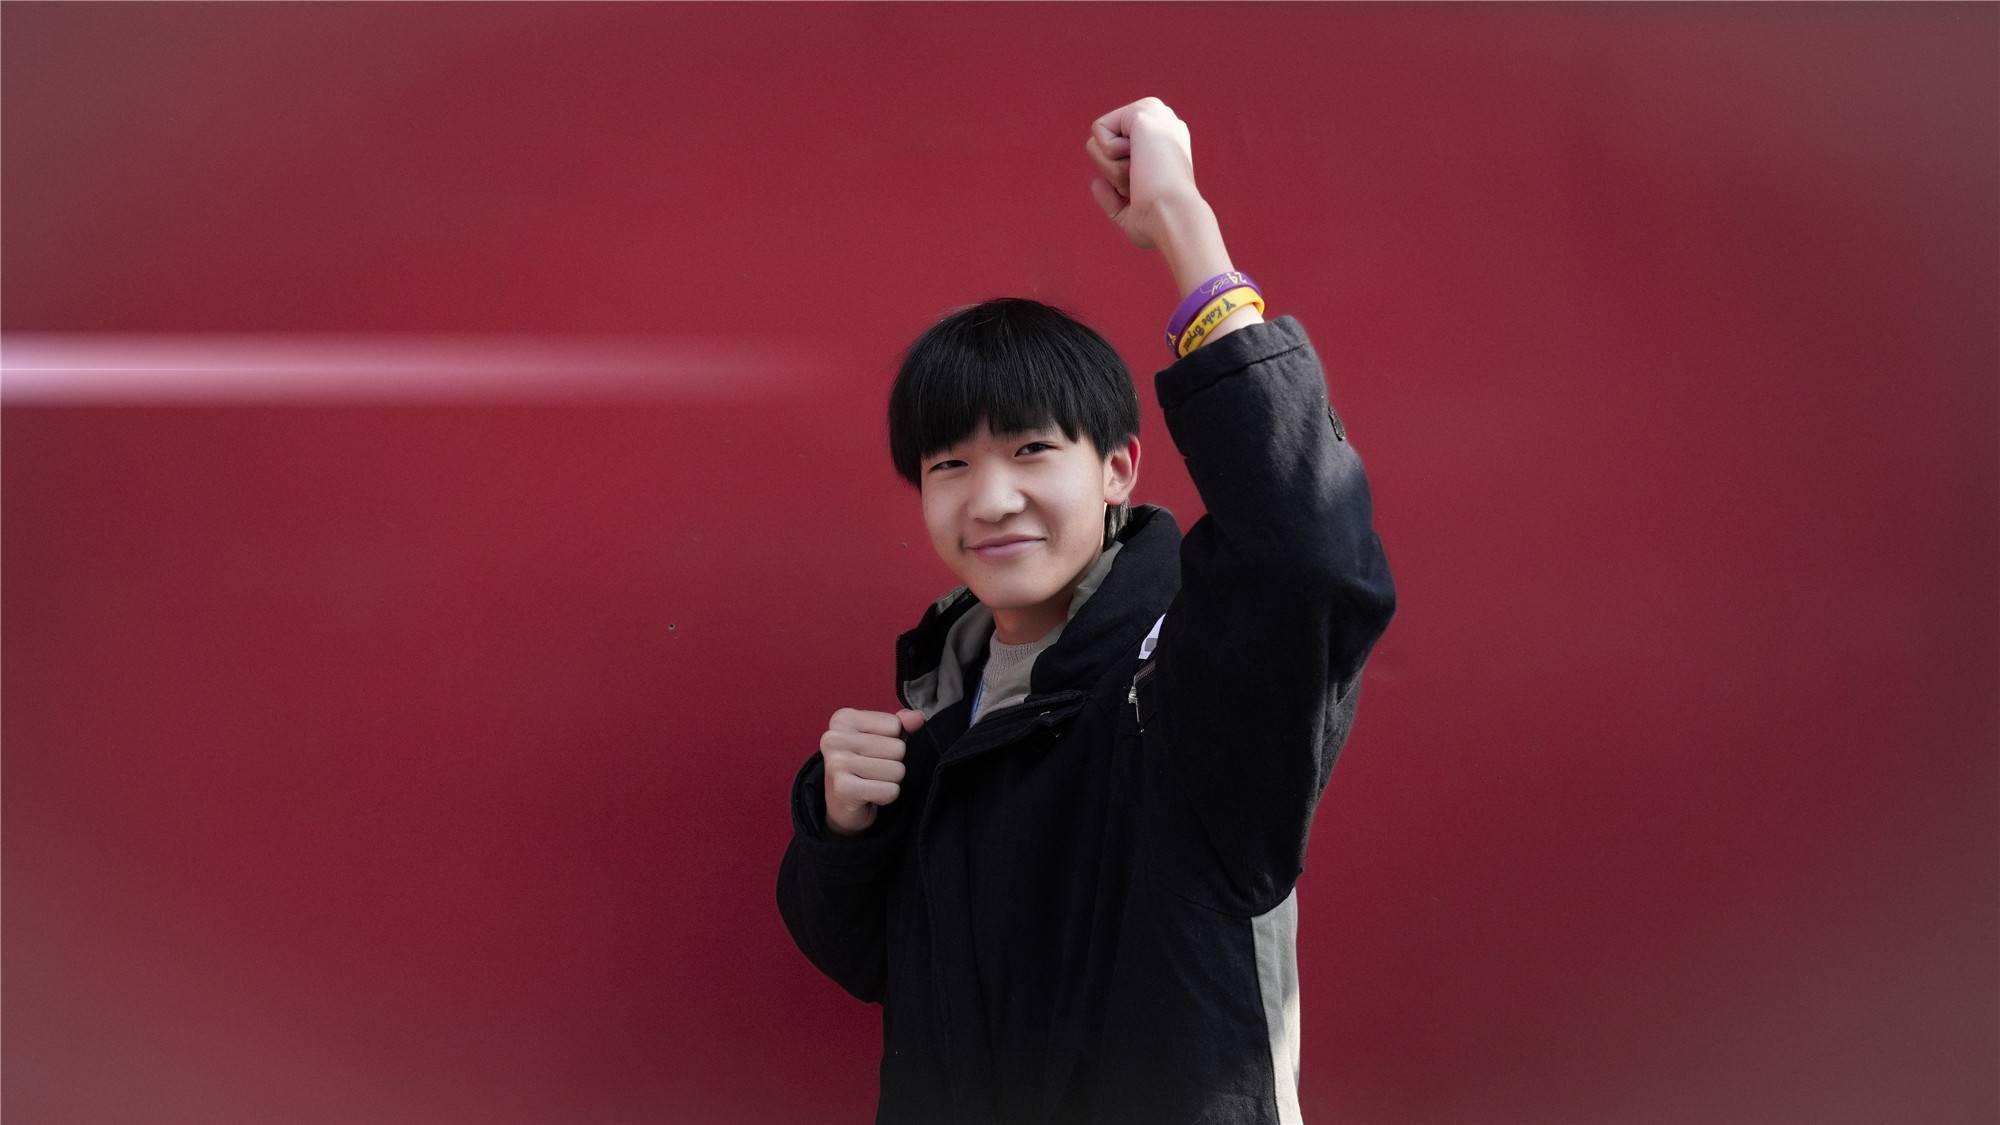 【学生故事】常浩楠 :我的未来不迷茫